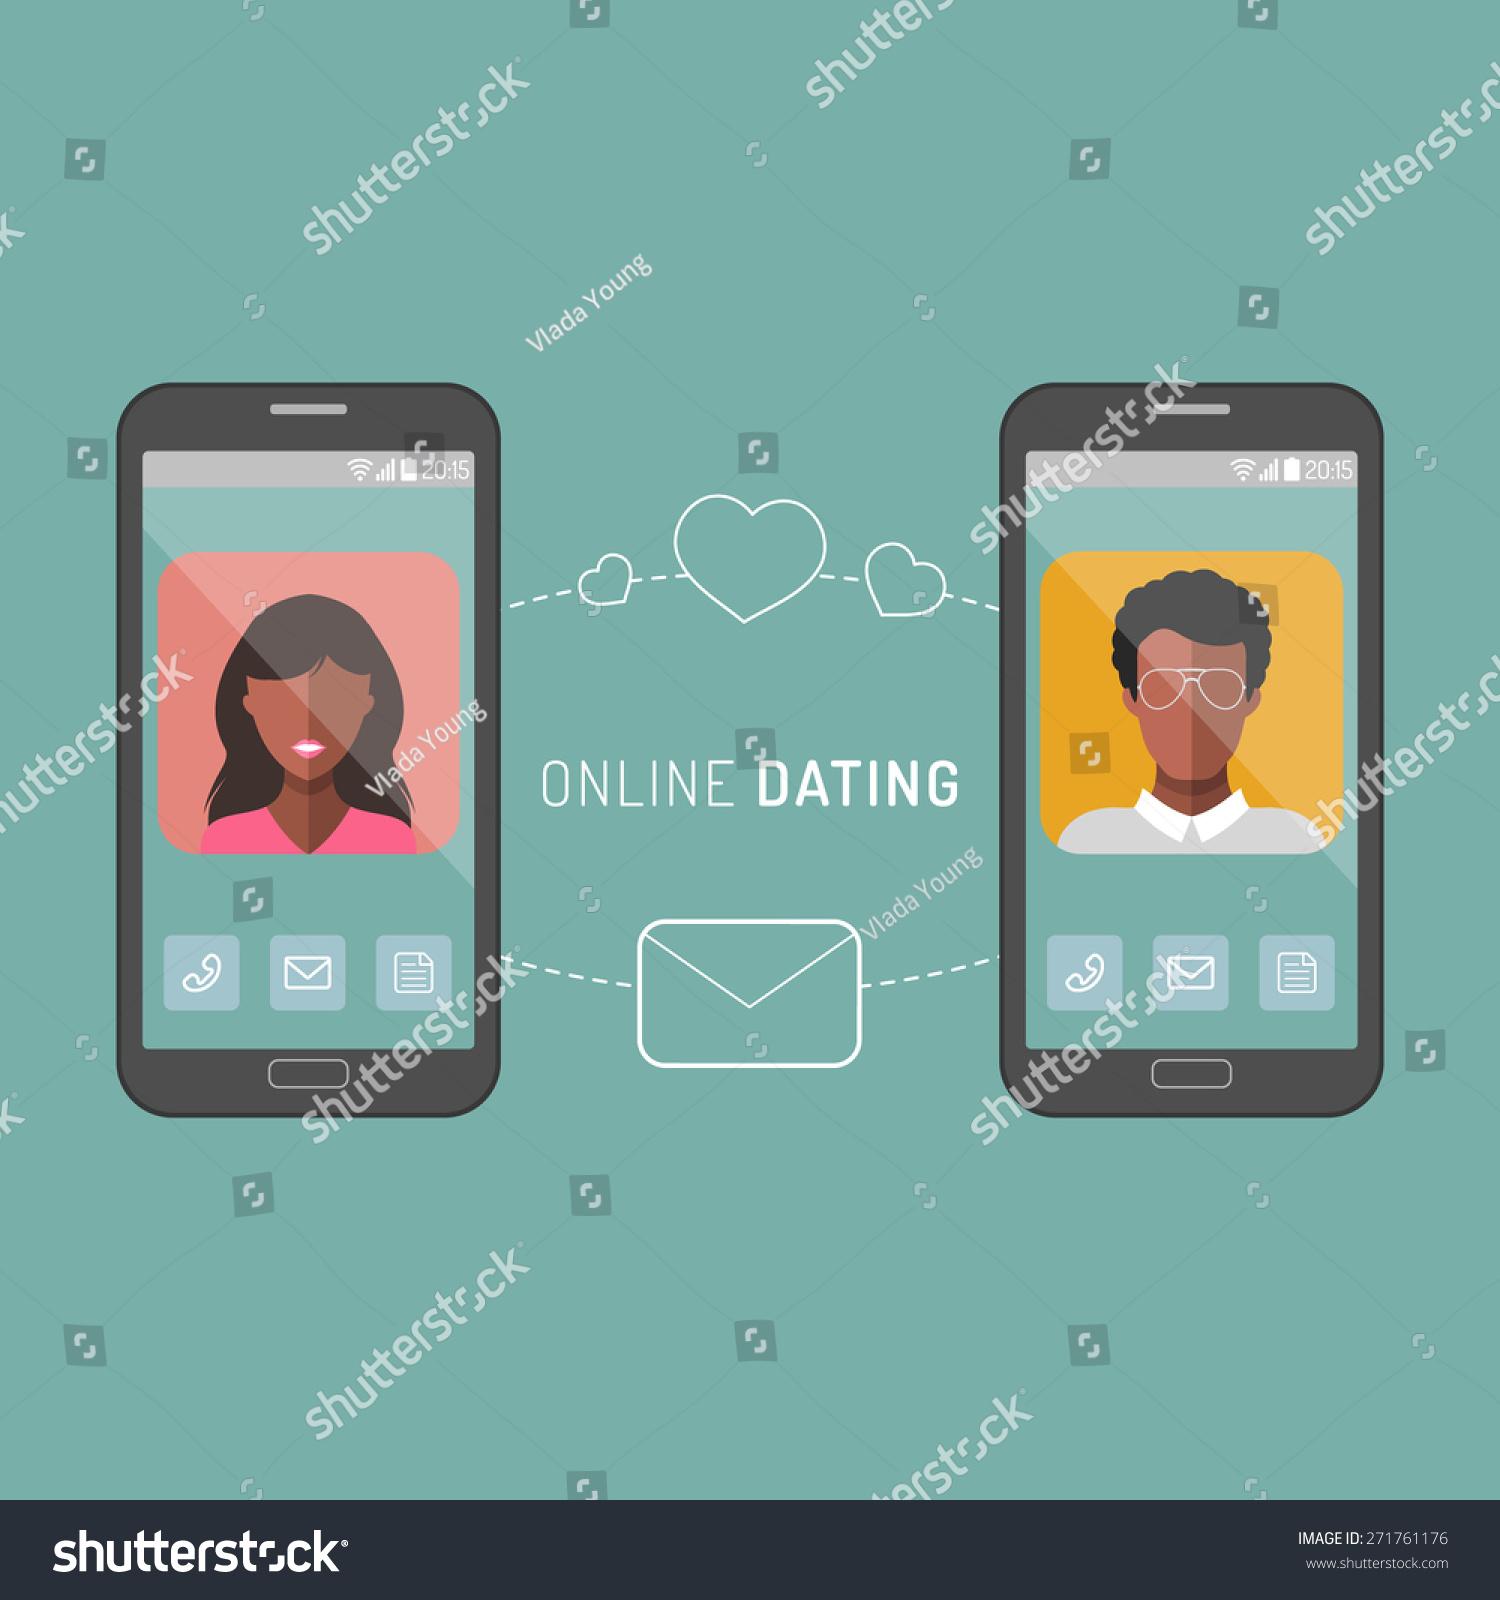 beste datingside for Europa